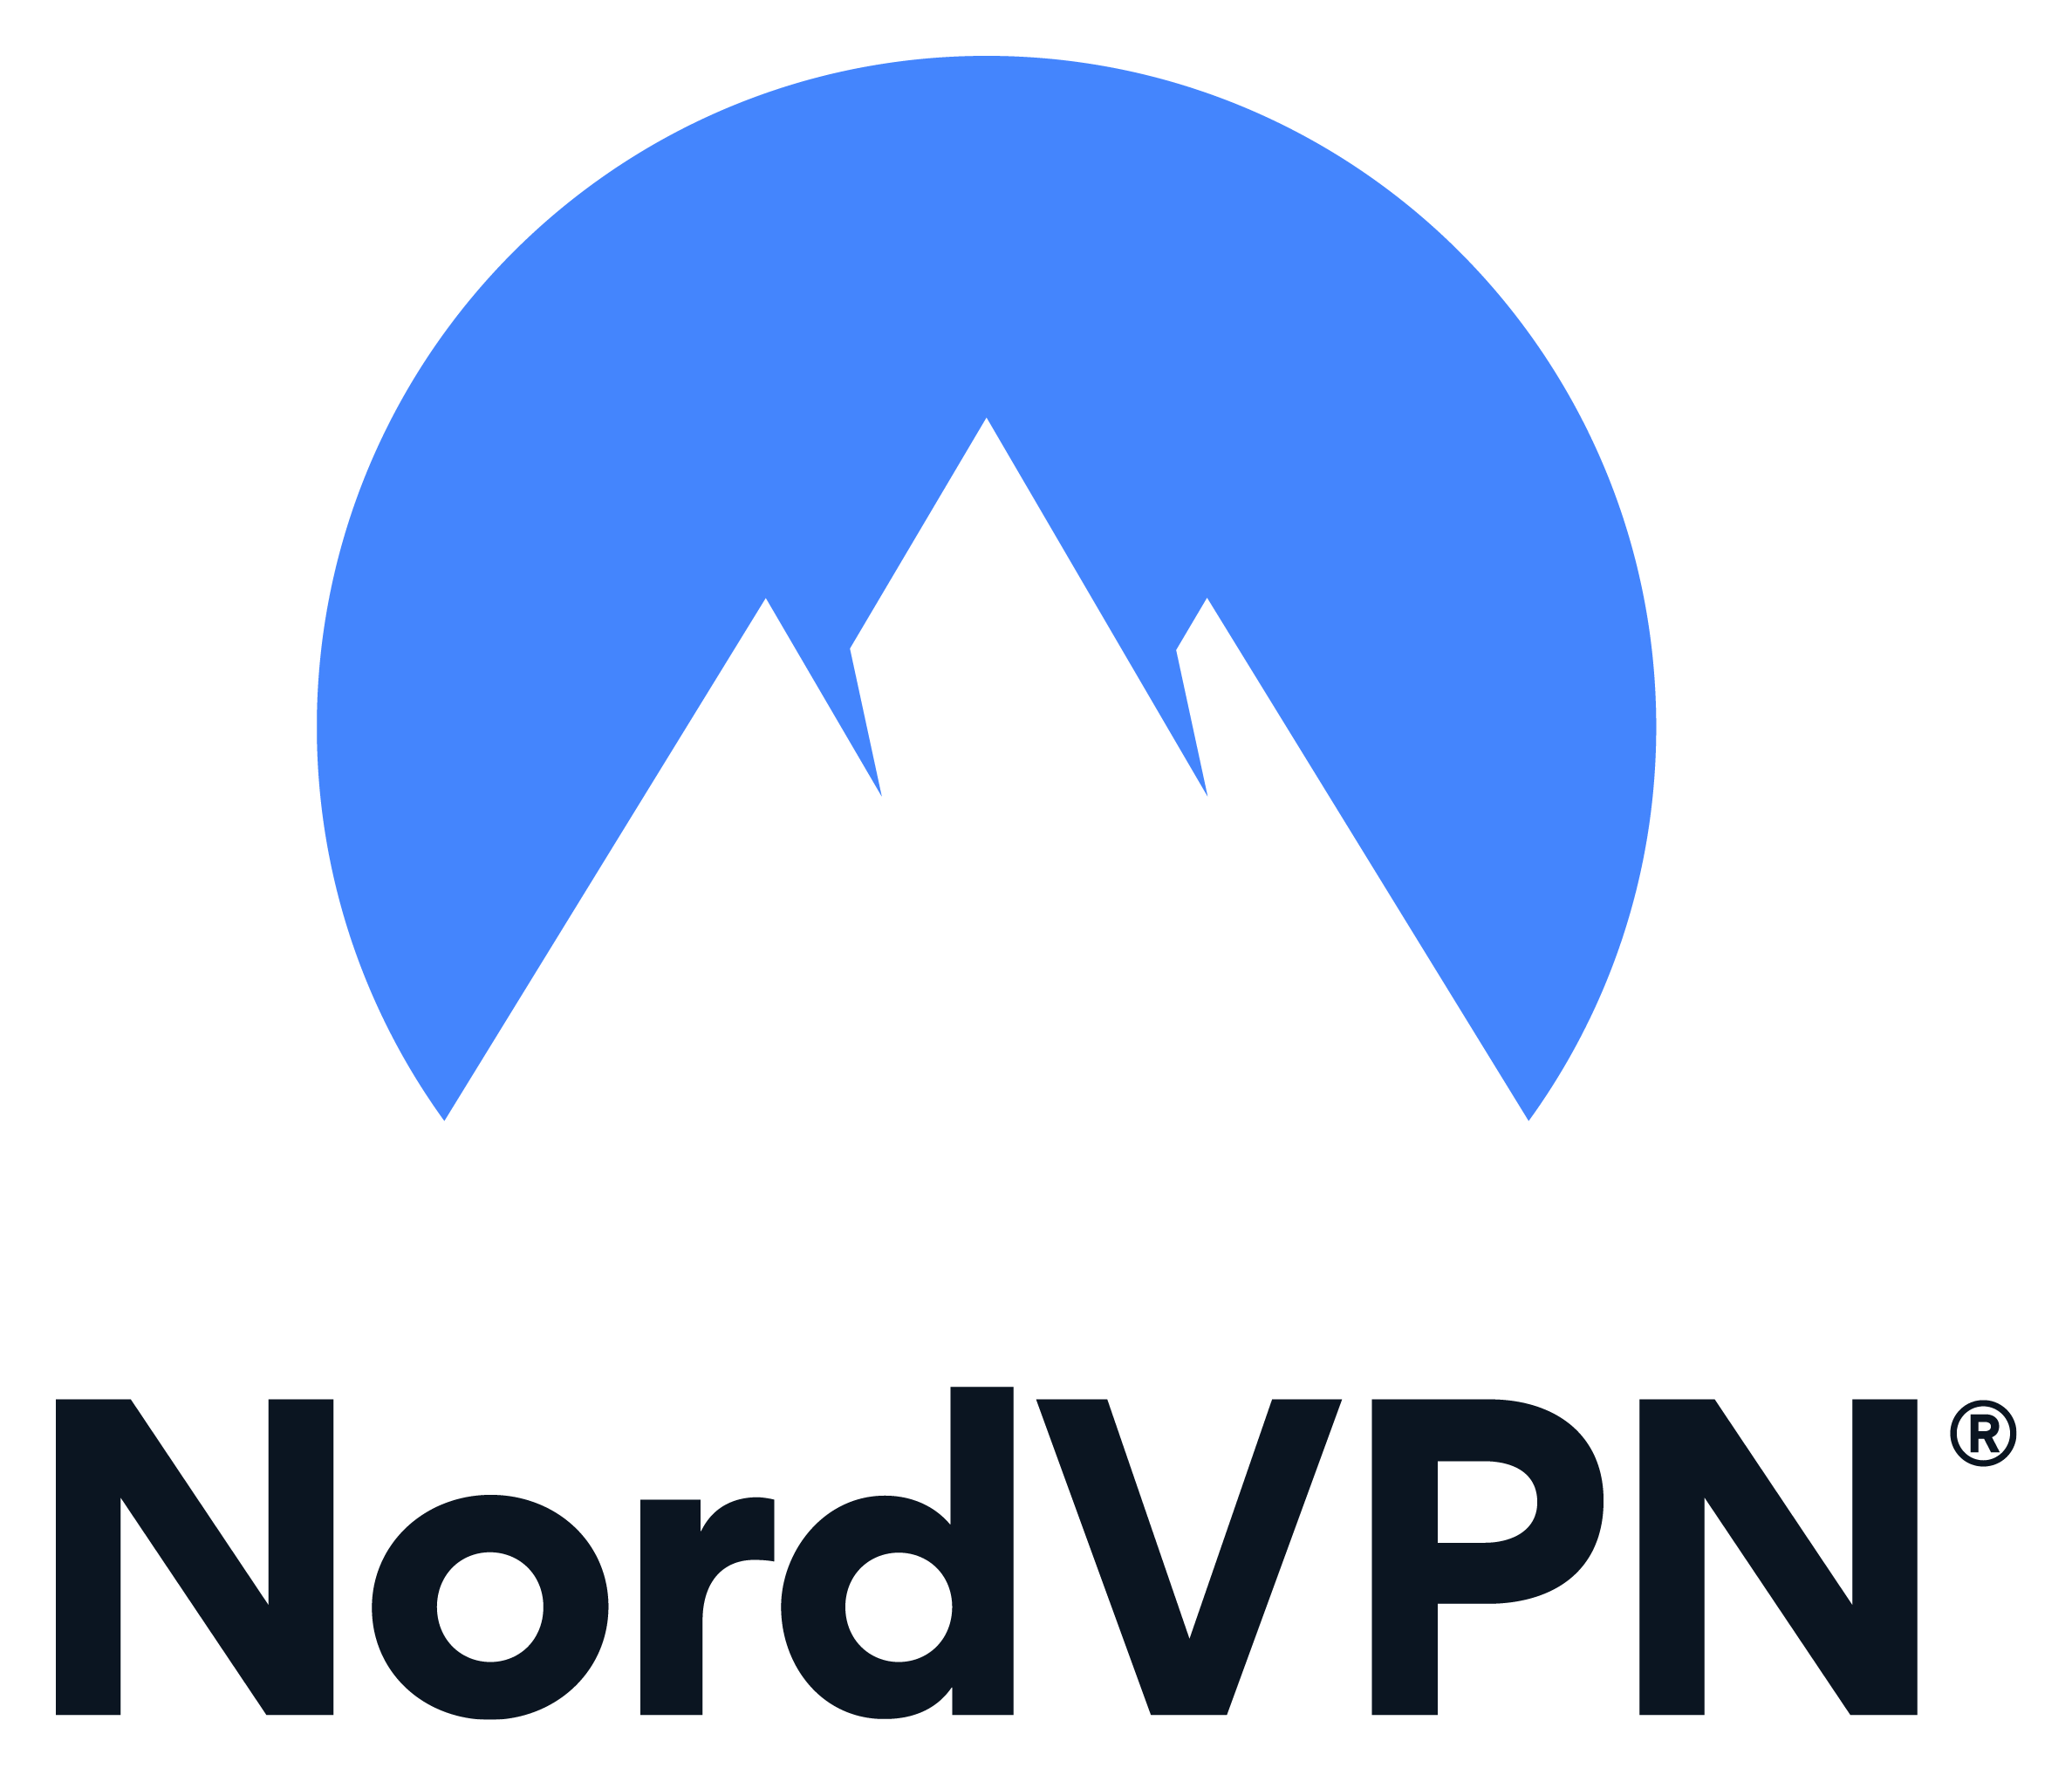 Анонимайзер NordVPN 6.29.9.0 (Proxy) — Скачать бесплатно